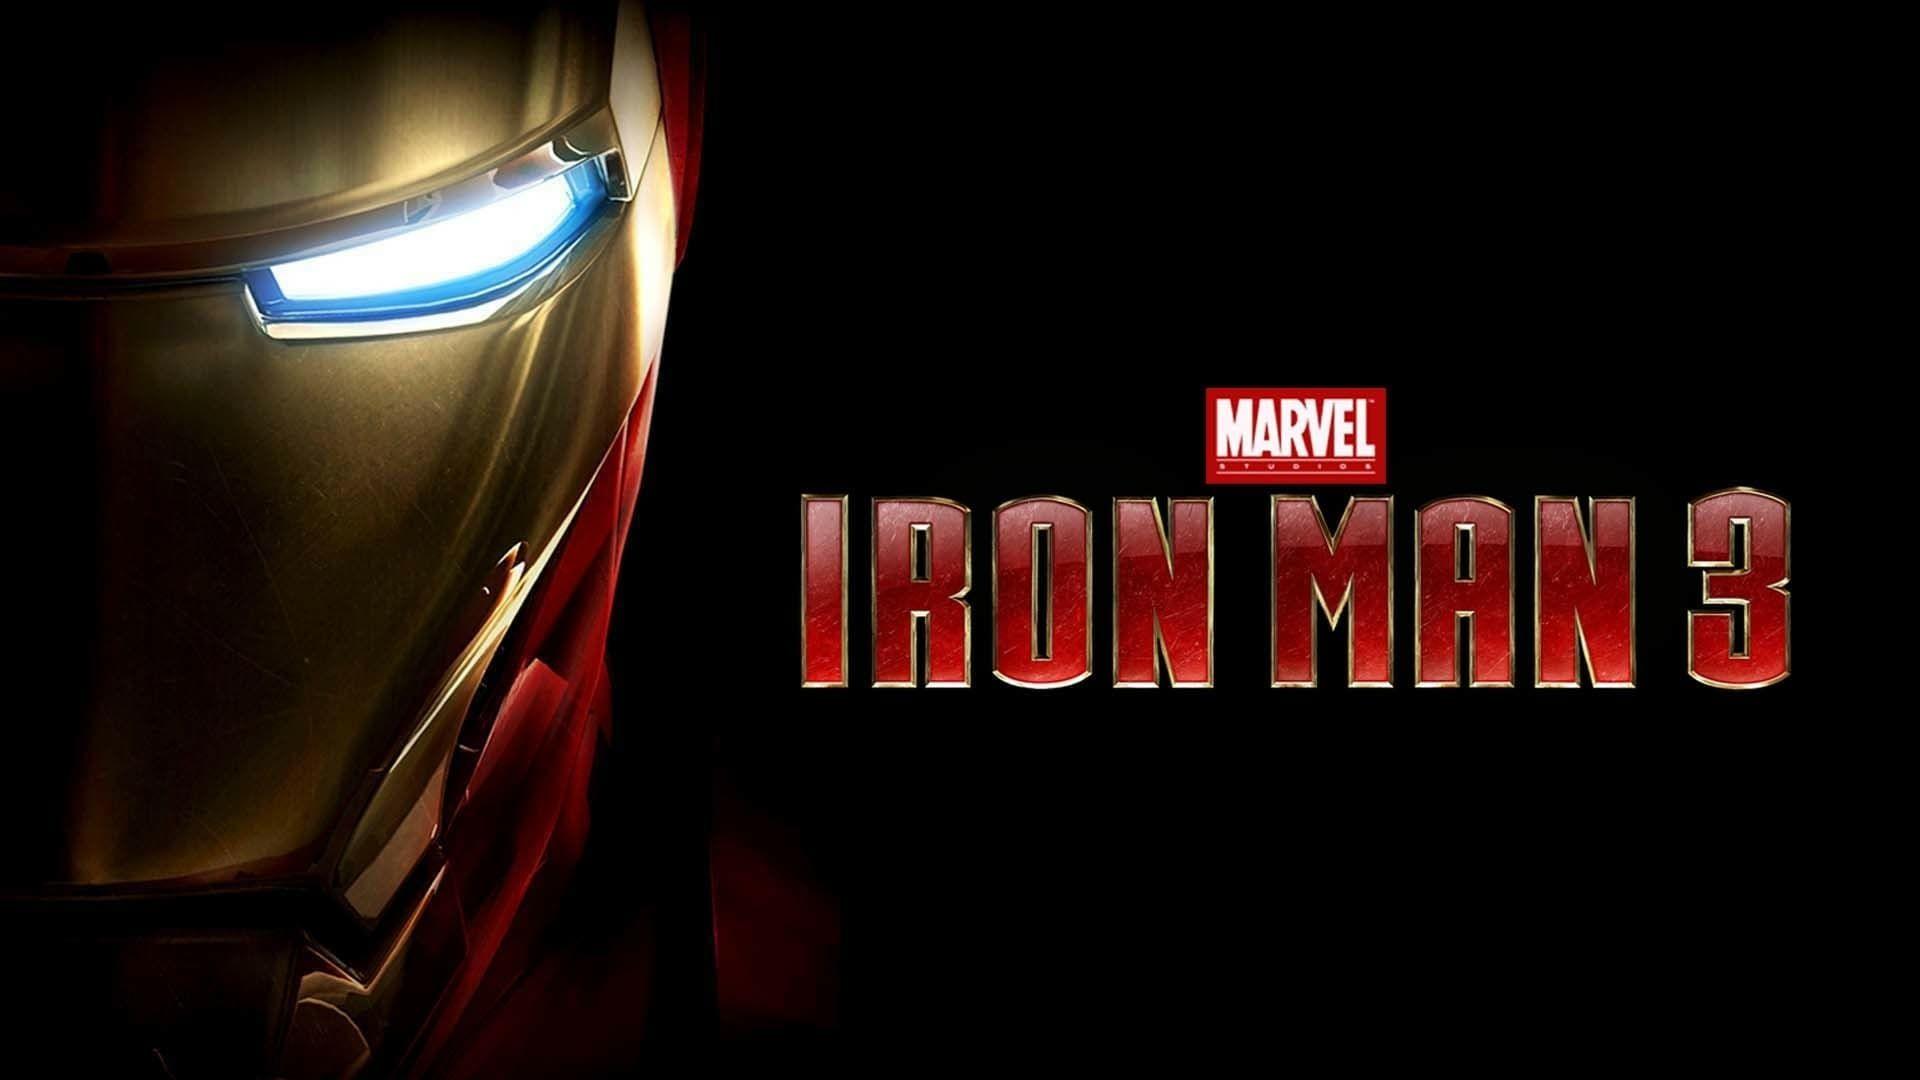 Iron Man 3 2013 Ganzer Film Stream Deutsch Komplett Online Iron Man 3 2013complete Film Deutsch Iron Man 3 Online In 2020 Iron Man Iron Man 3 Free Movies Online